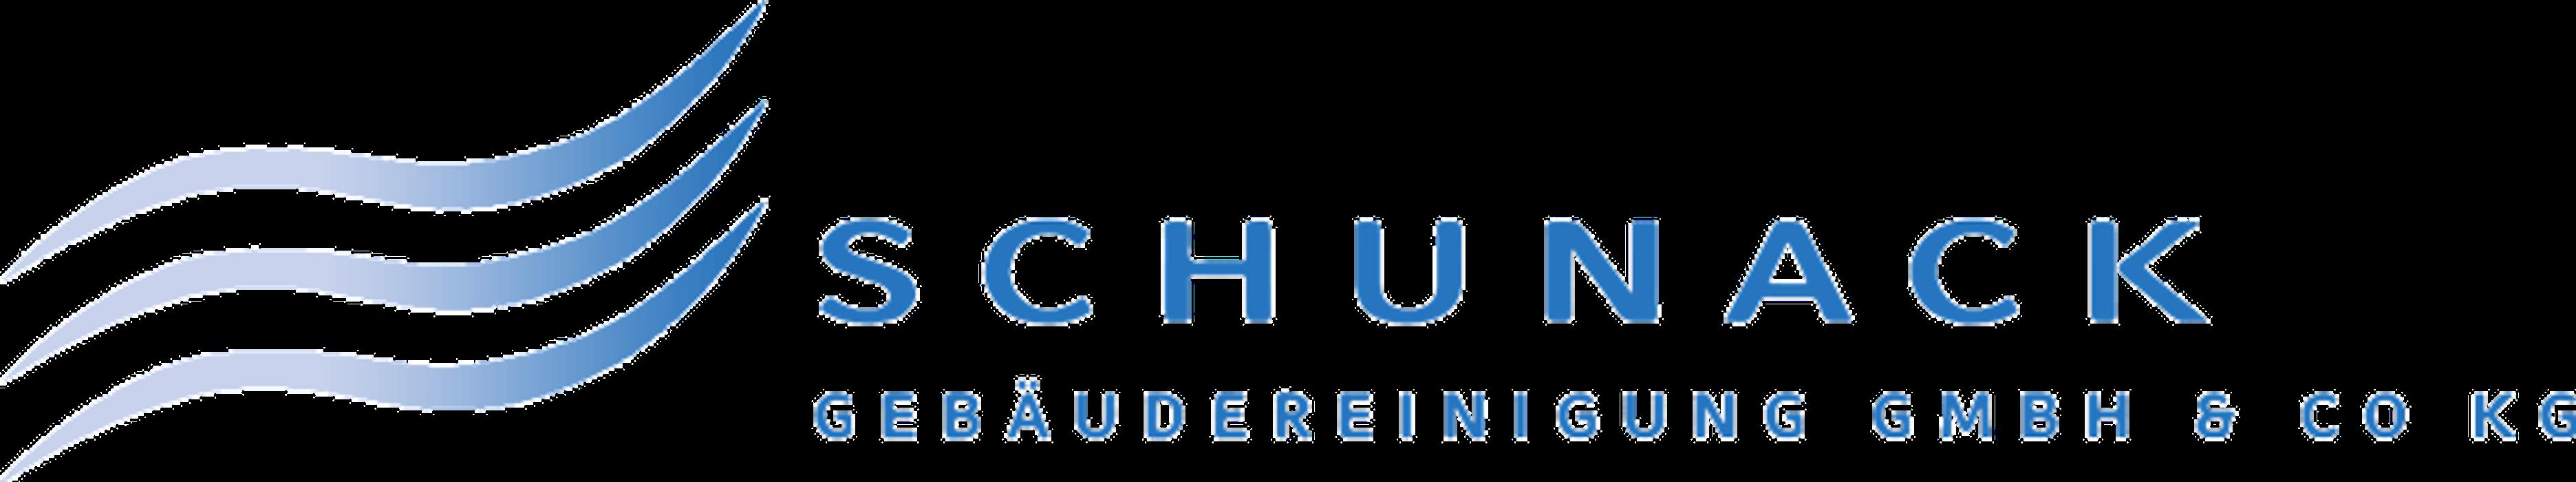 Bild zu Schunack Gebäudereinigung GmbH & Co. KG in Frankfurt am Main